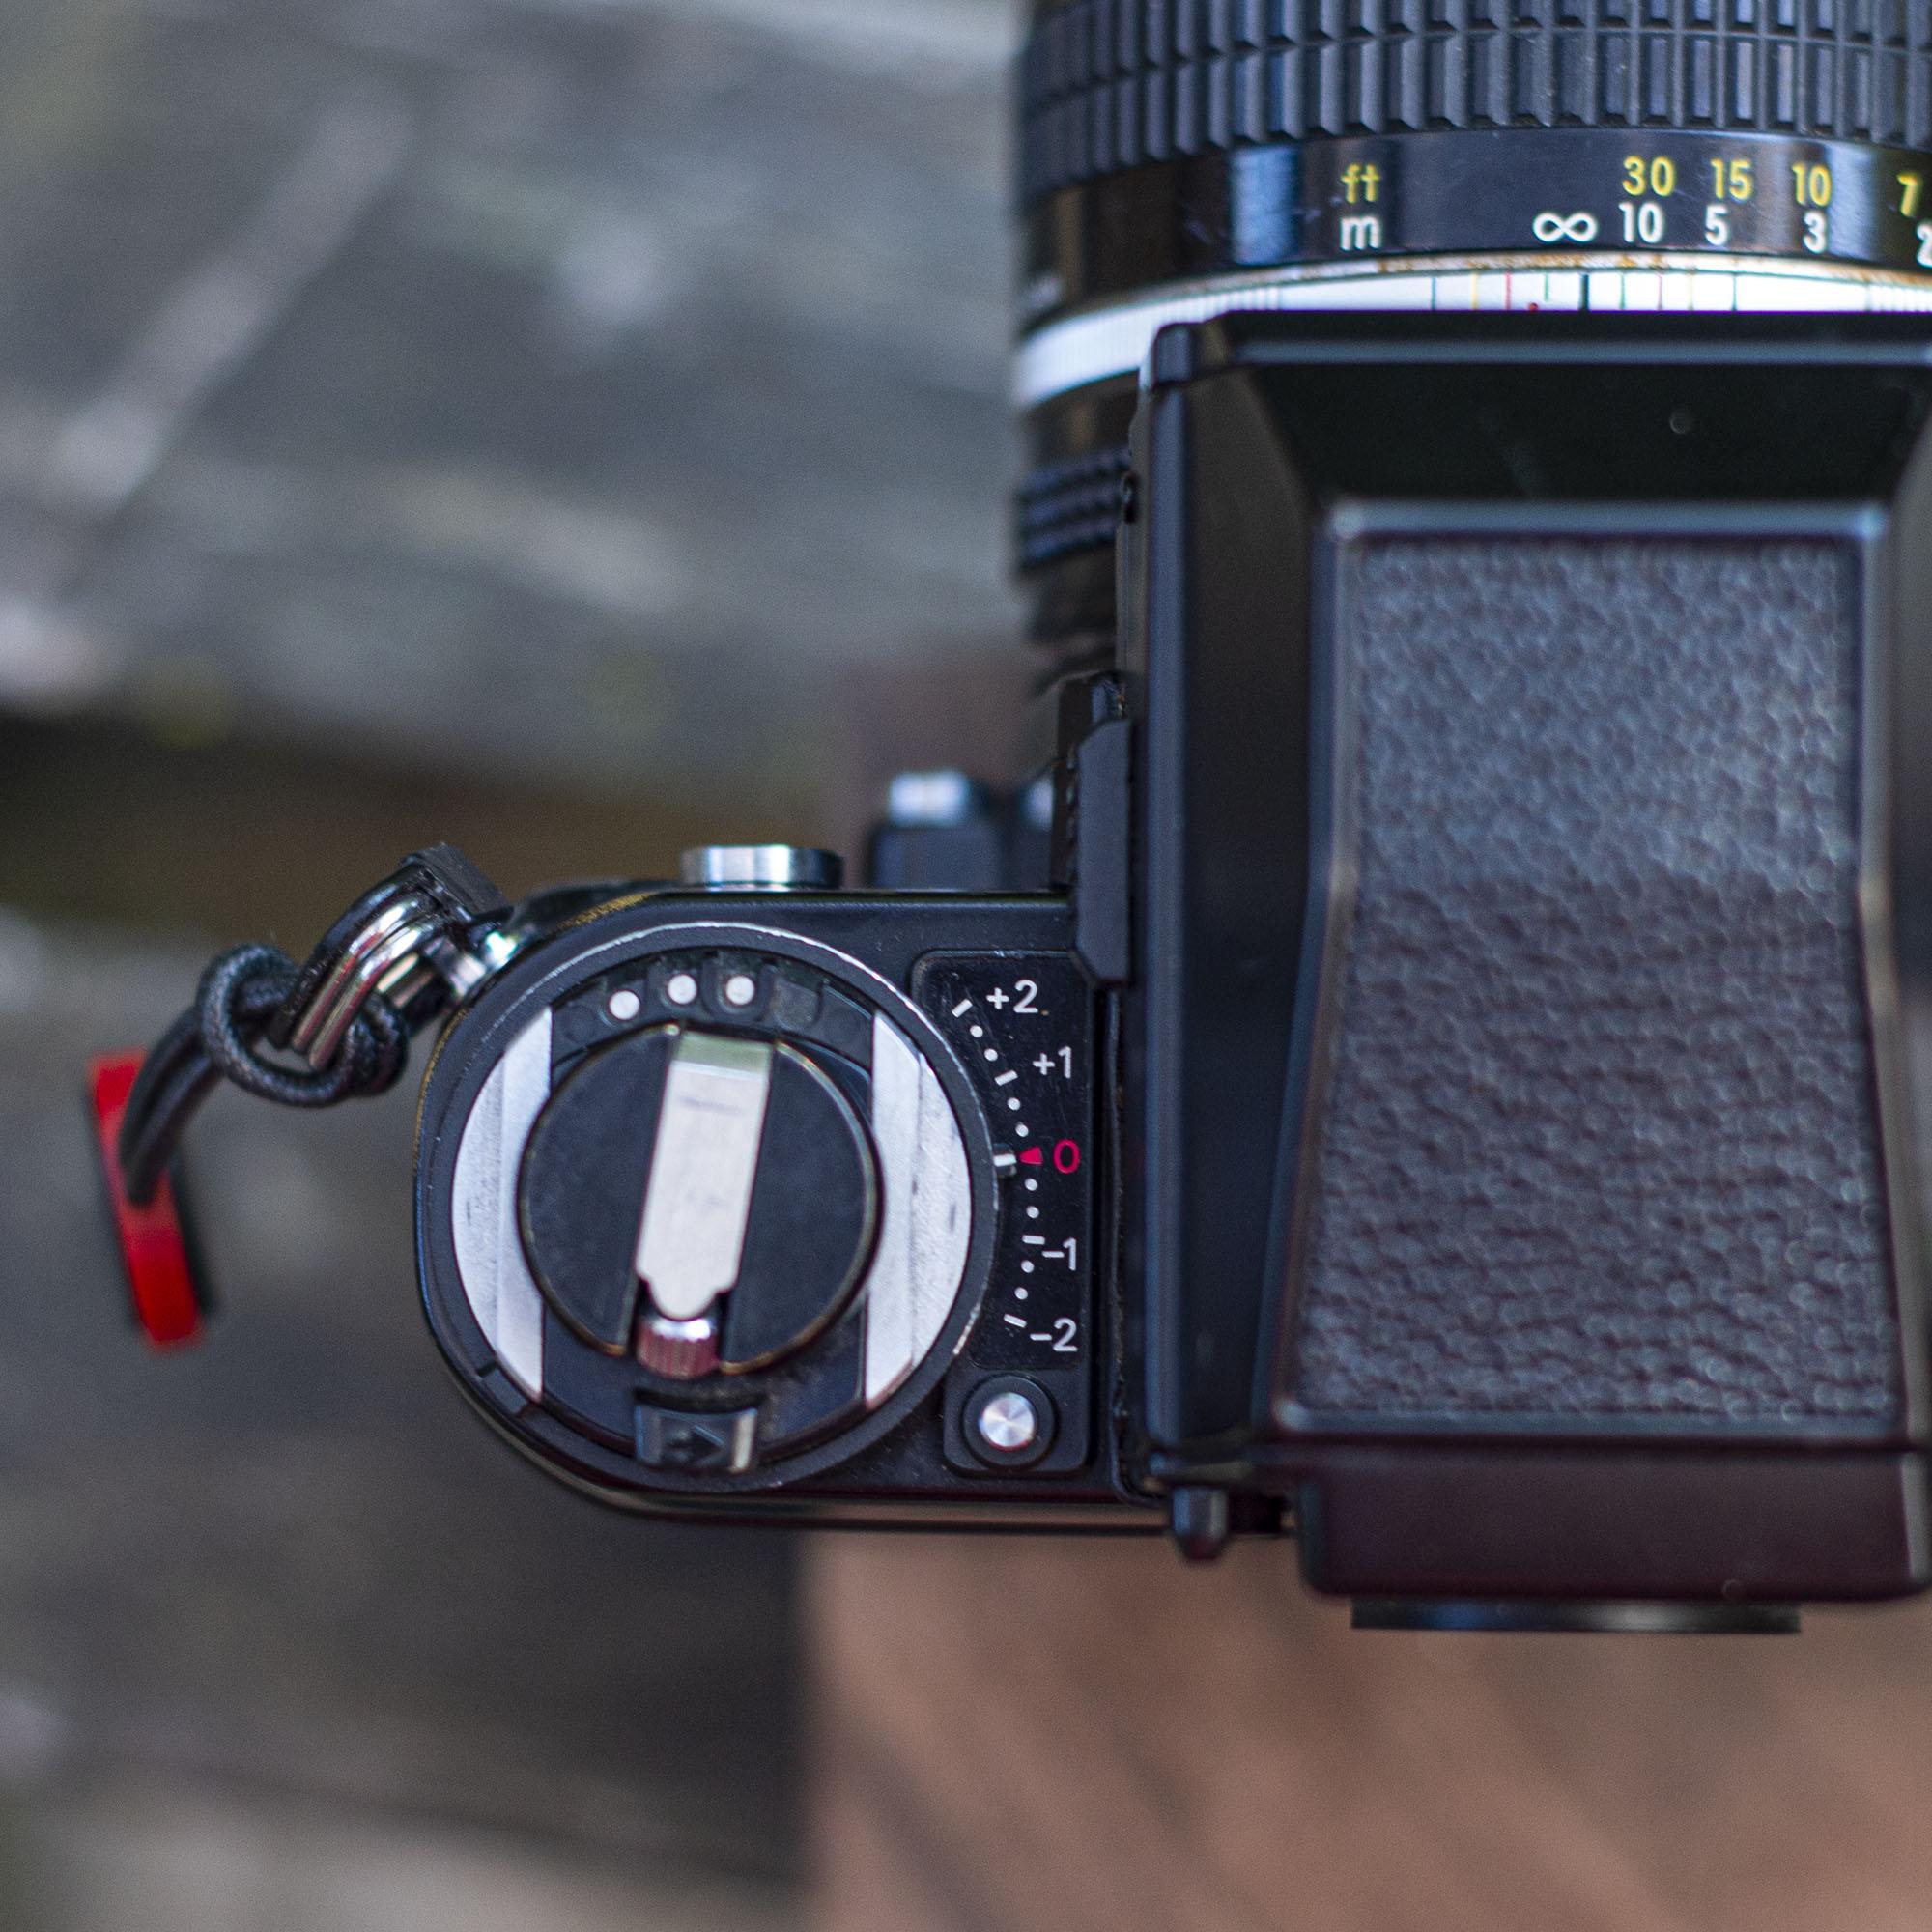 Nikon F3 exposure adjustment and rewind knob